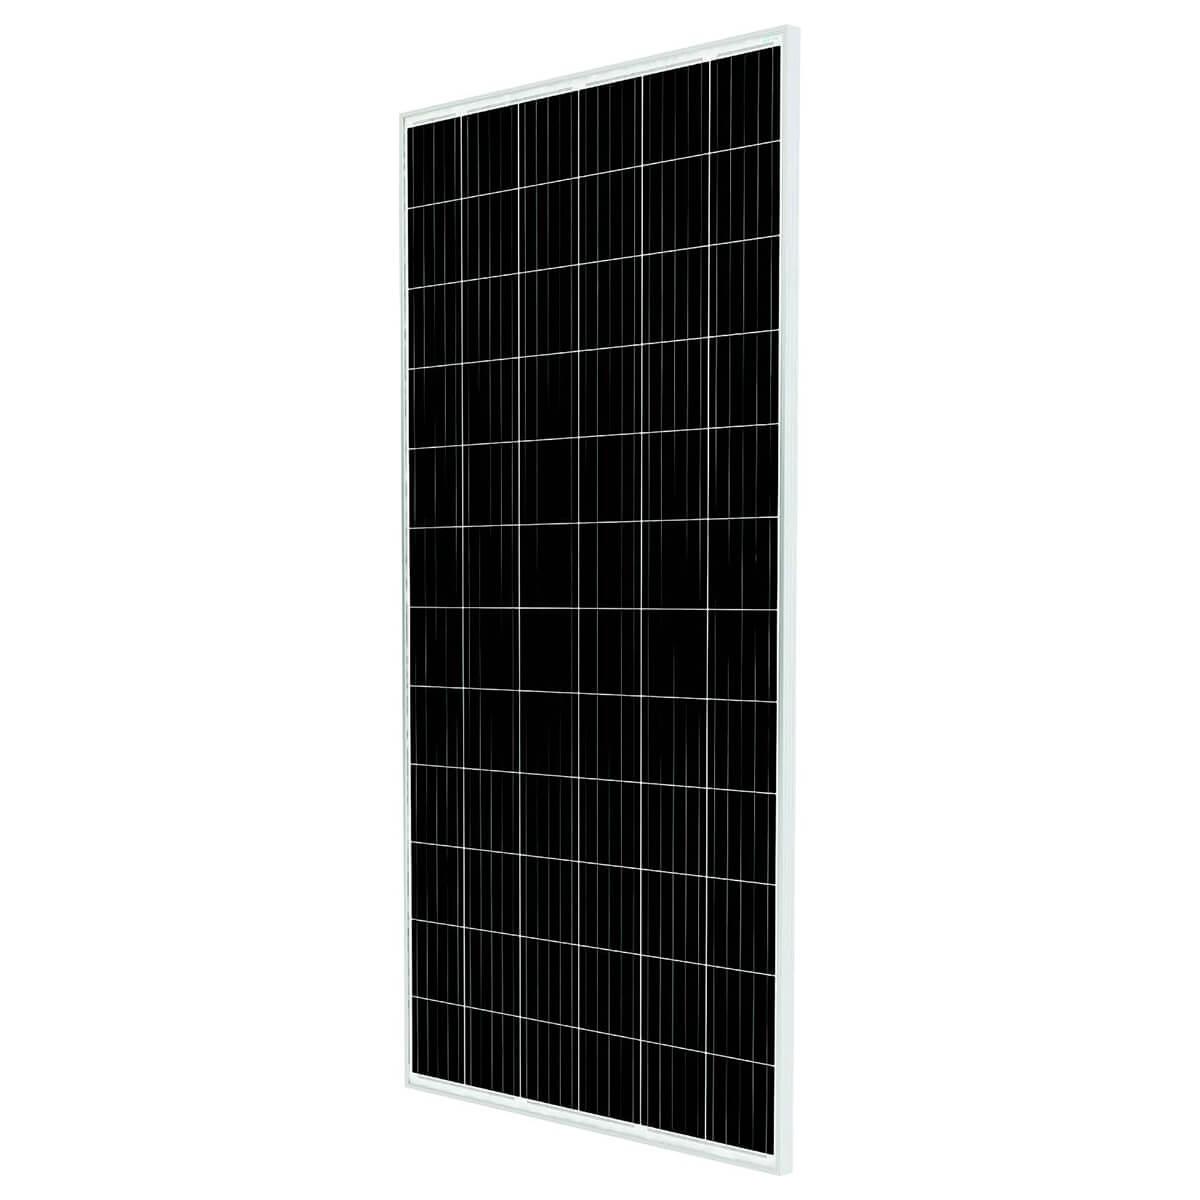 tommatech 395W panel, tommatech 395Watt panel, tommatech 395 W panel, tommatech 395 Watt panel, tommatech 395 Watt monokristal panel, tommatech 395 W watt gunes paneli, tommatech 395 W watt monokristal gunes paneli, tommatech 395 W Watt fotovoltaik monokristal solar panel, tommatech 395W monokristal gunes enerjisi, tommatech TT395-72PM-395W panel, TOMMATECH 395 WATT